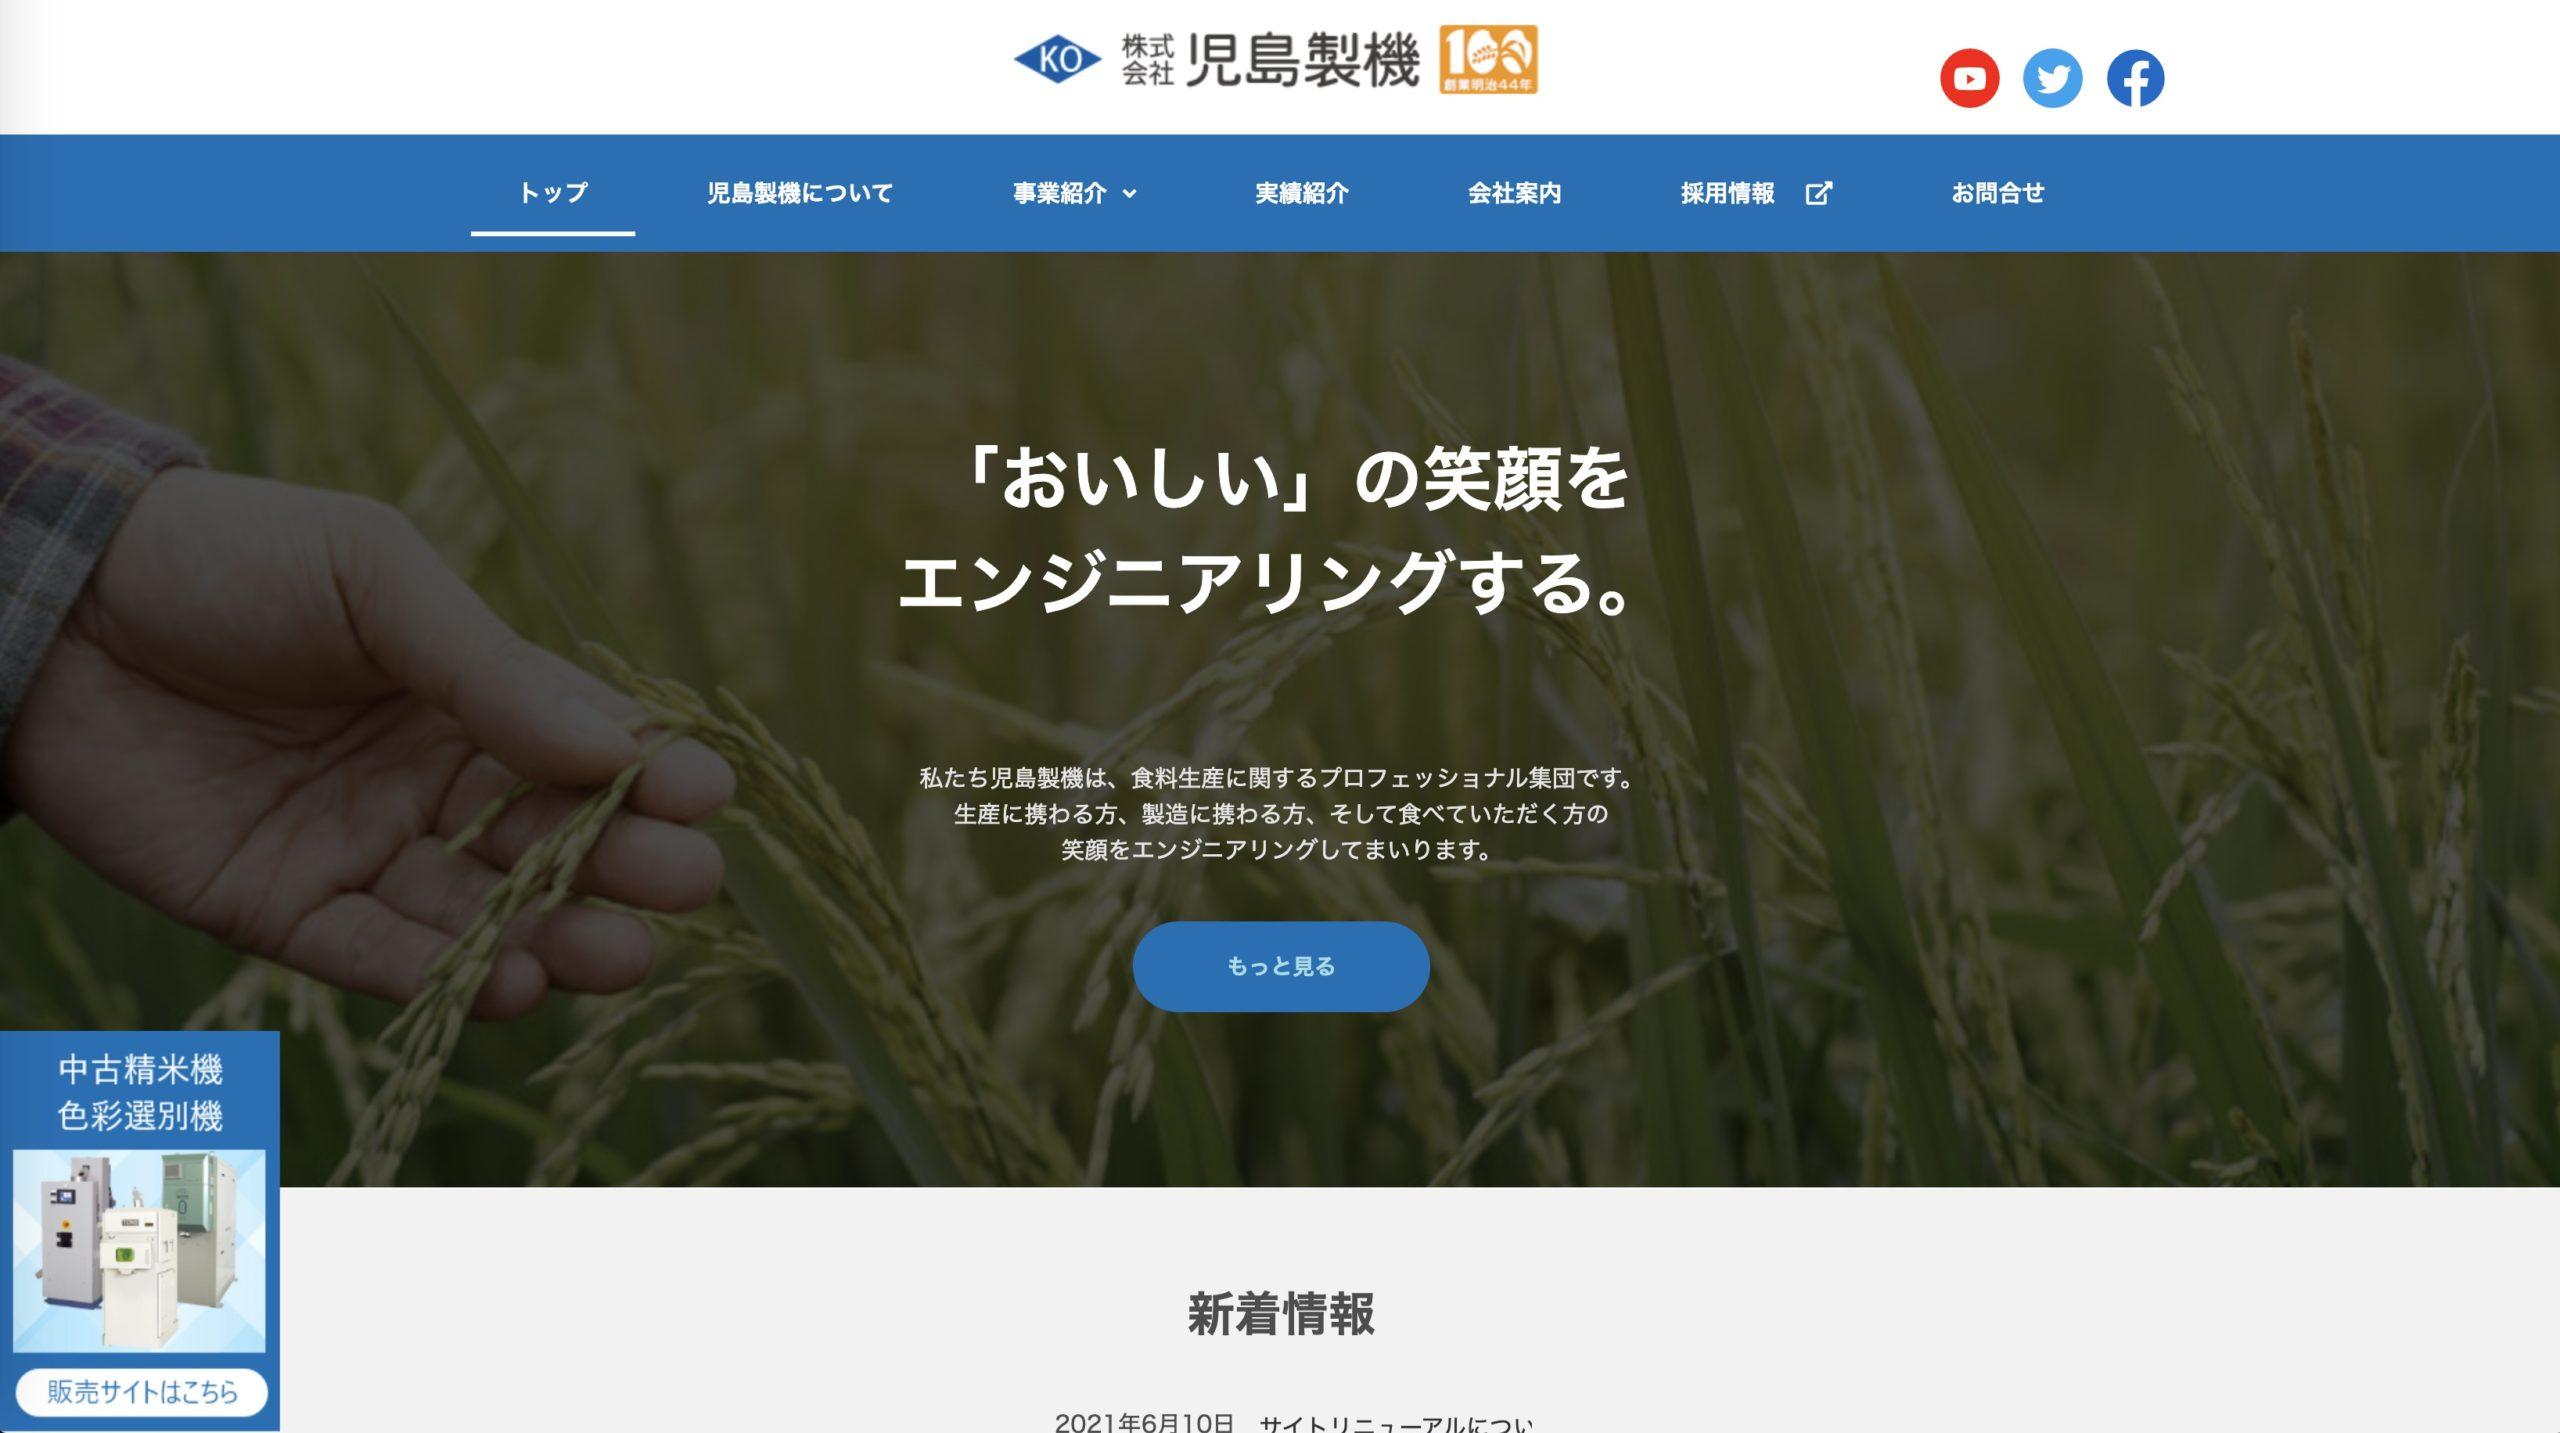 児島製機 企業サイトリニューアル(岐阜県)